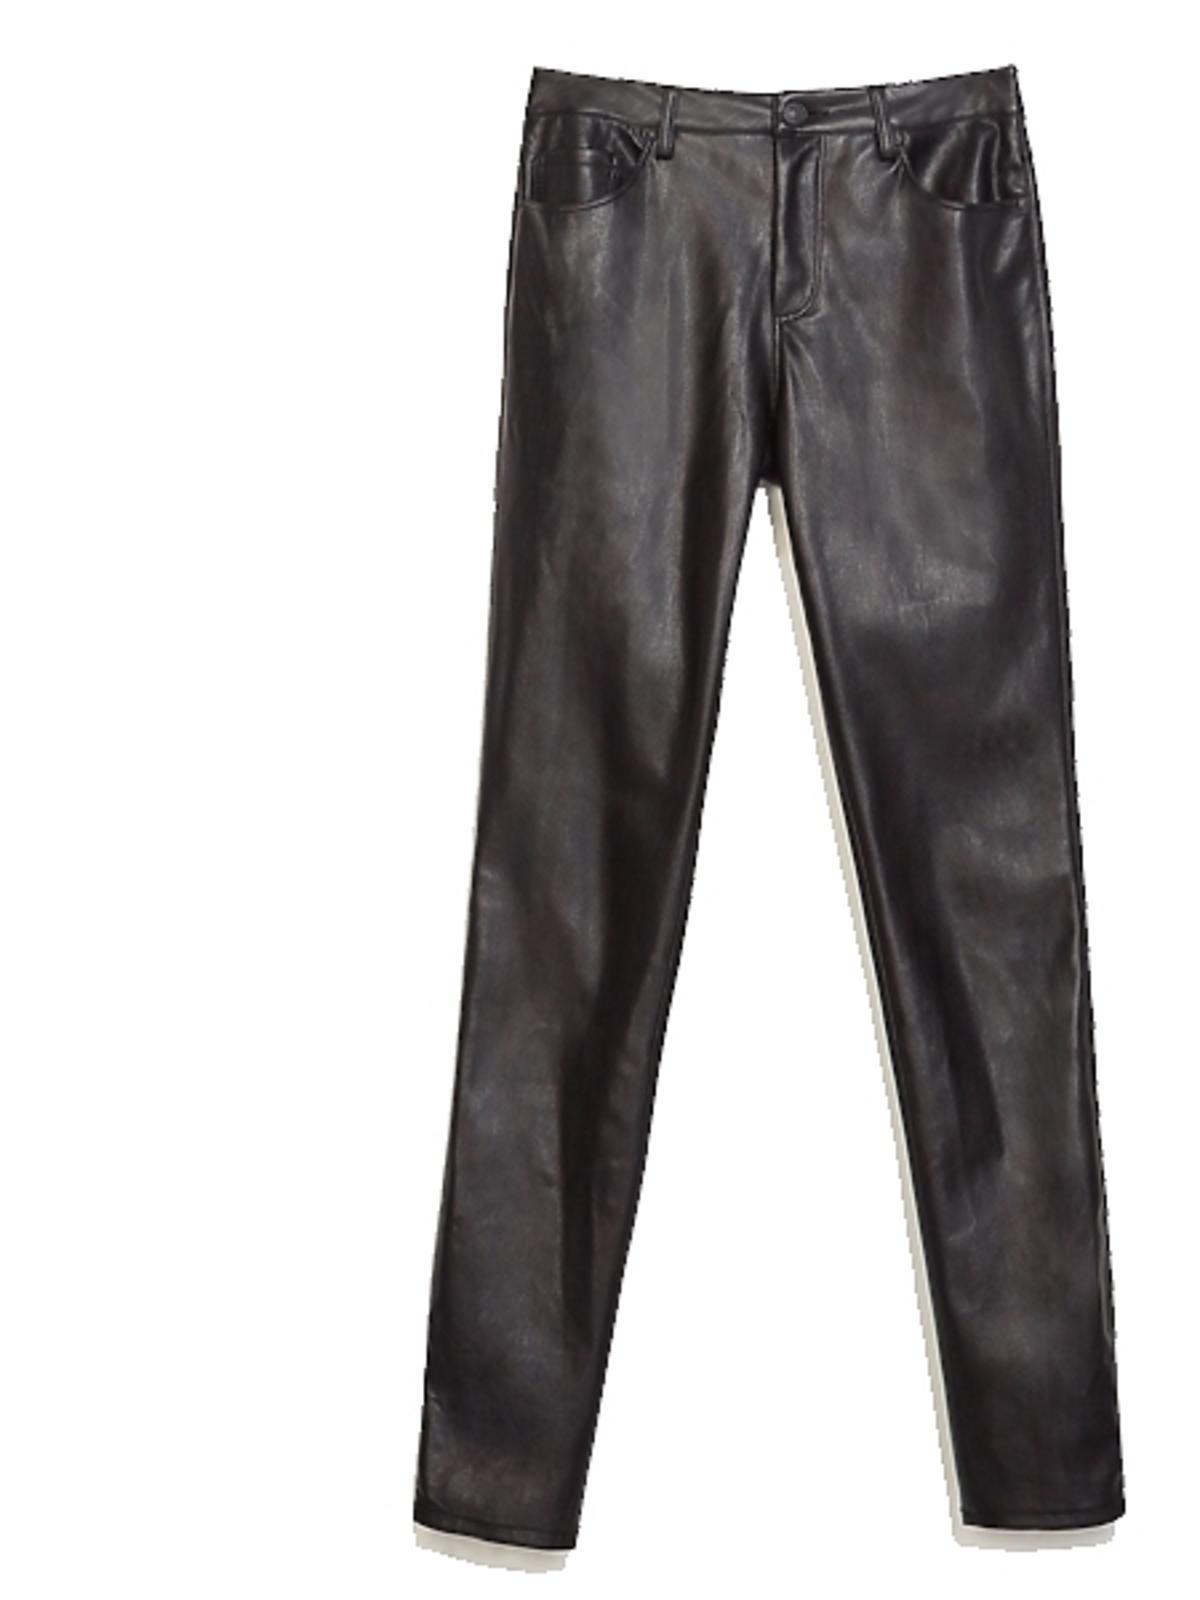 Skórzane spodnie Zara, cena